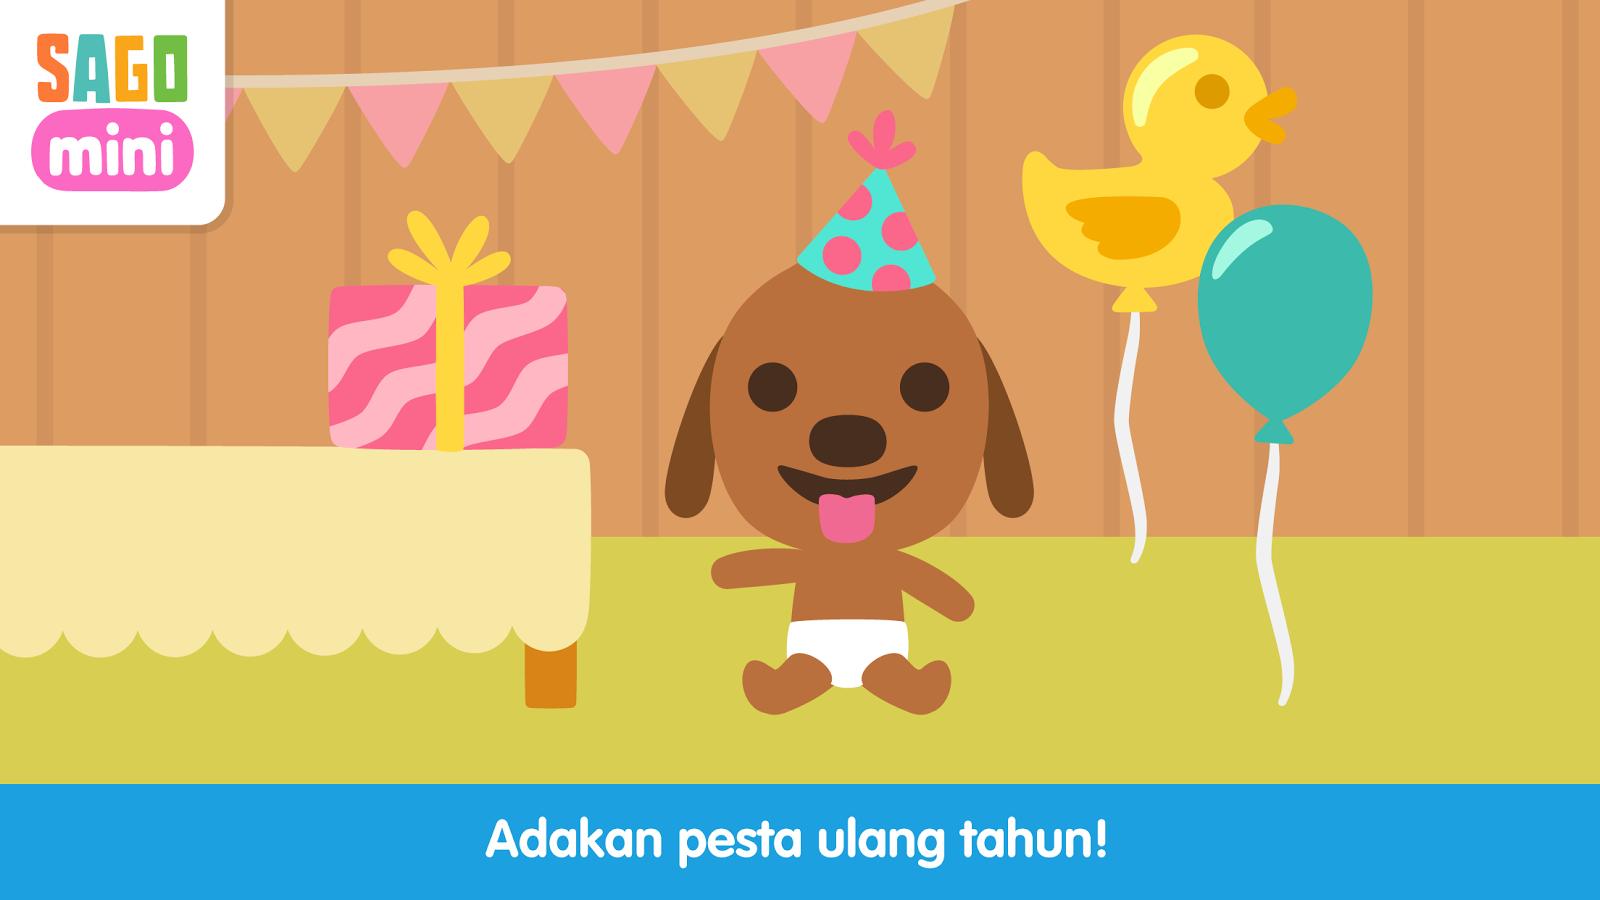 Bayi Sago Mini Apl Android Di Google Play